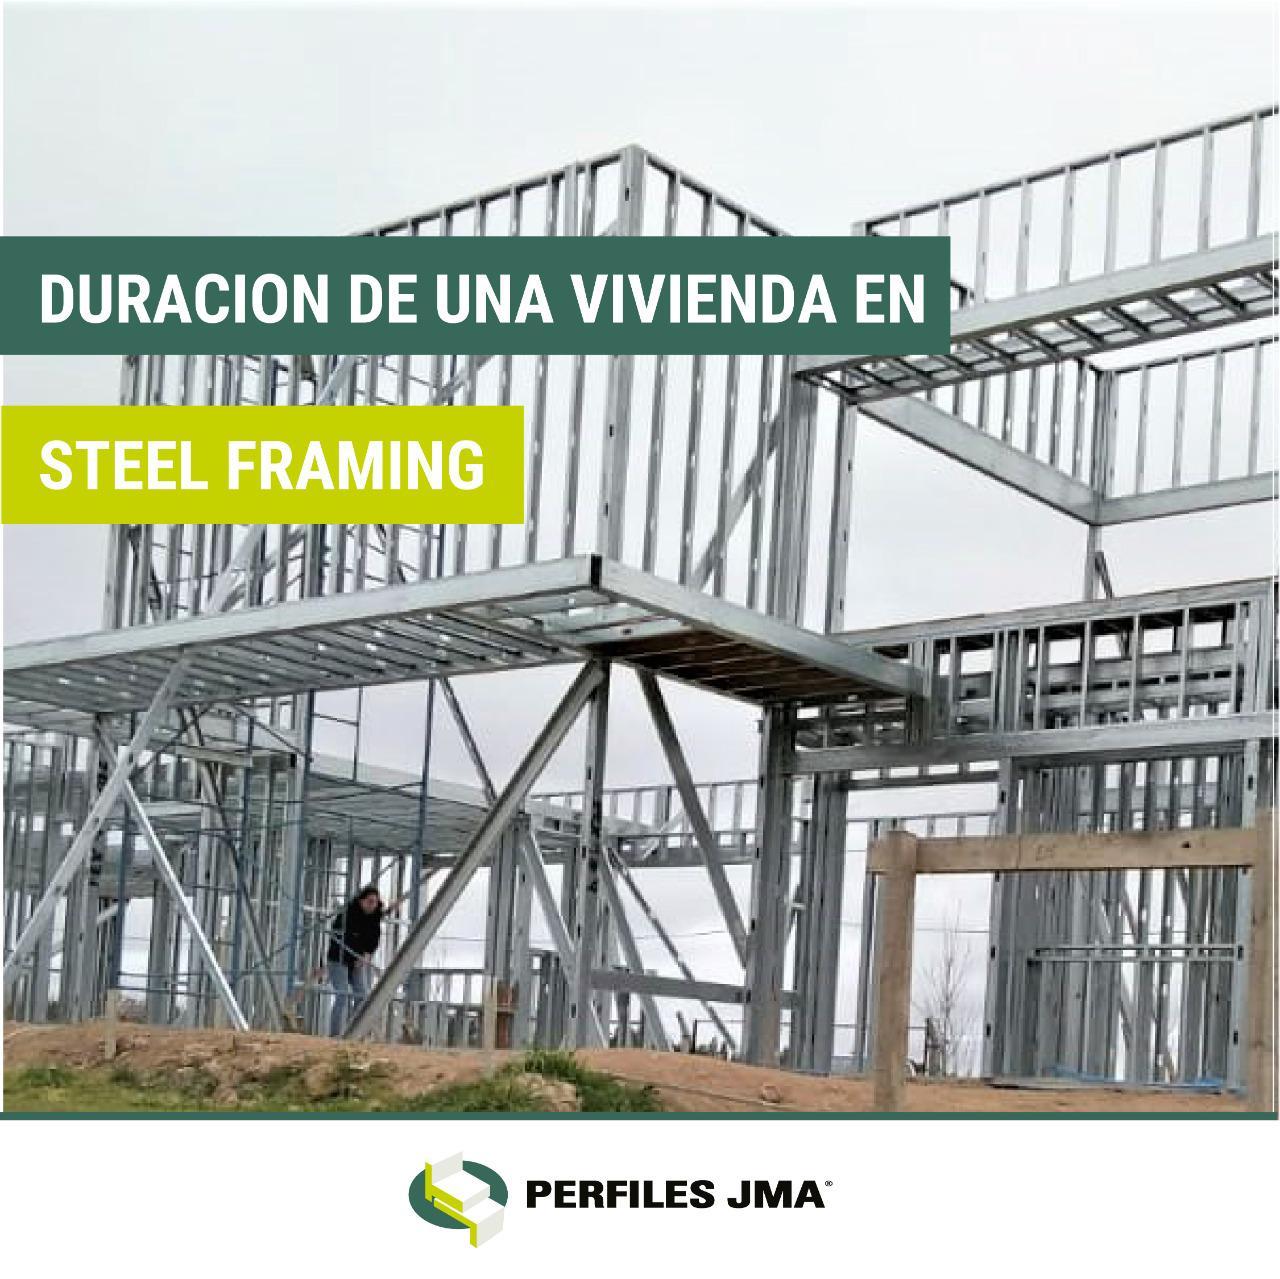 DURACIÓN DE UNA VIVIENDA EN STEEL FRAMING